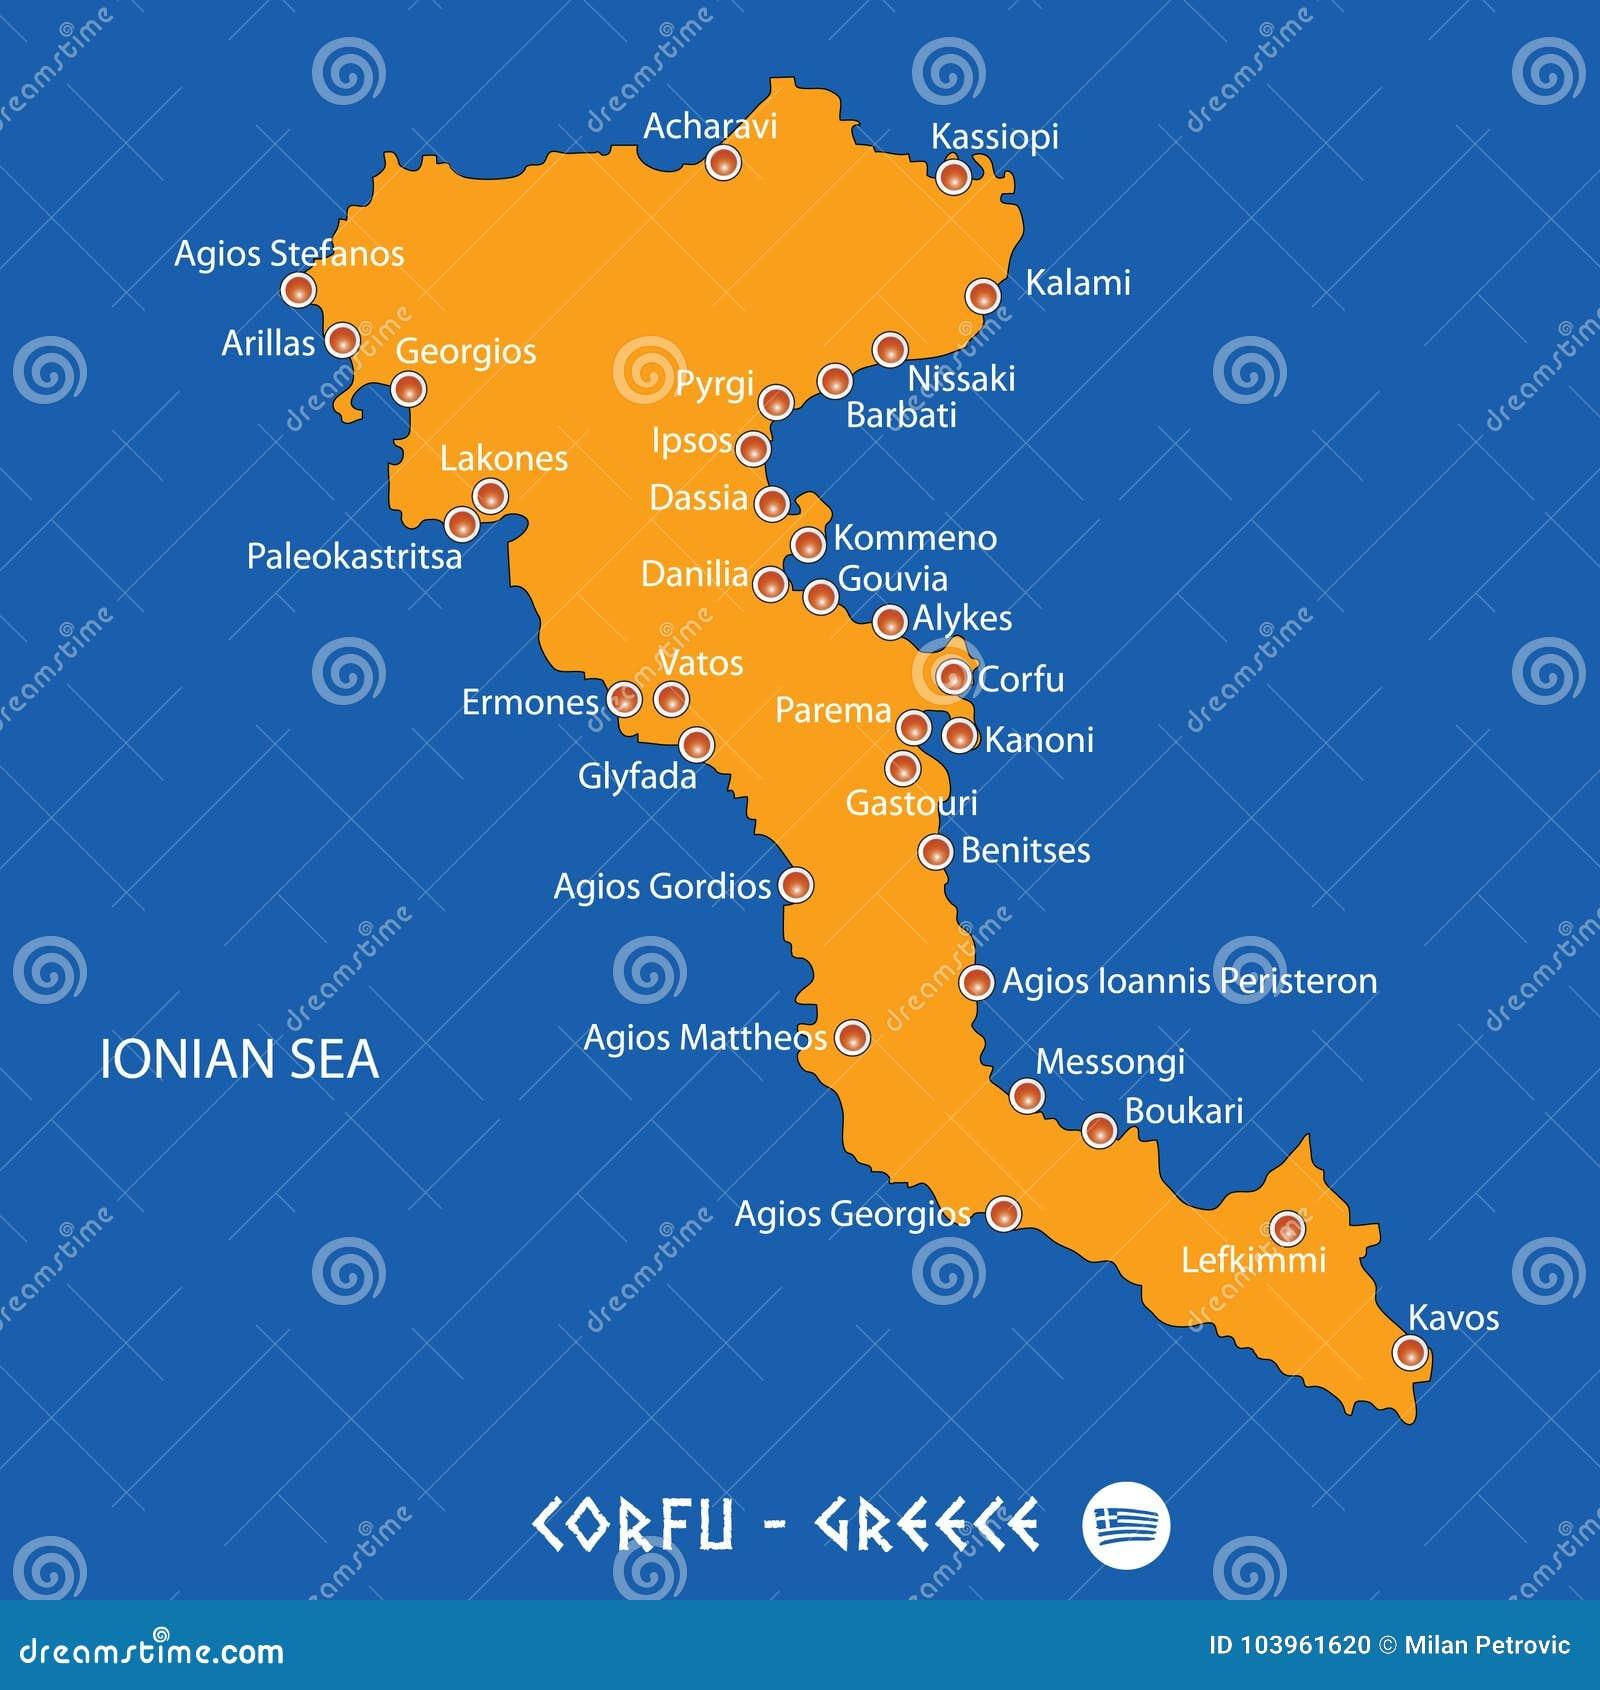 Carte Grece Corfou.Ile De Corfou A La Carte Orange De La Grece Et A L Arriere